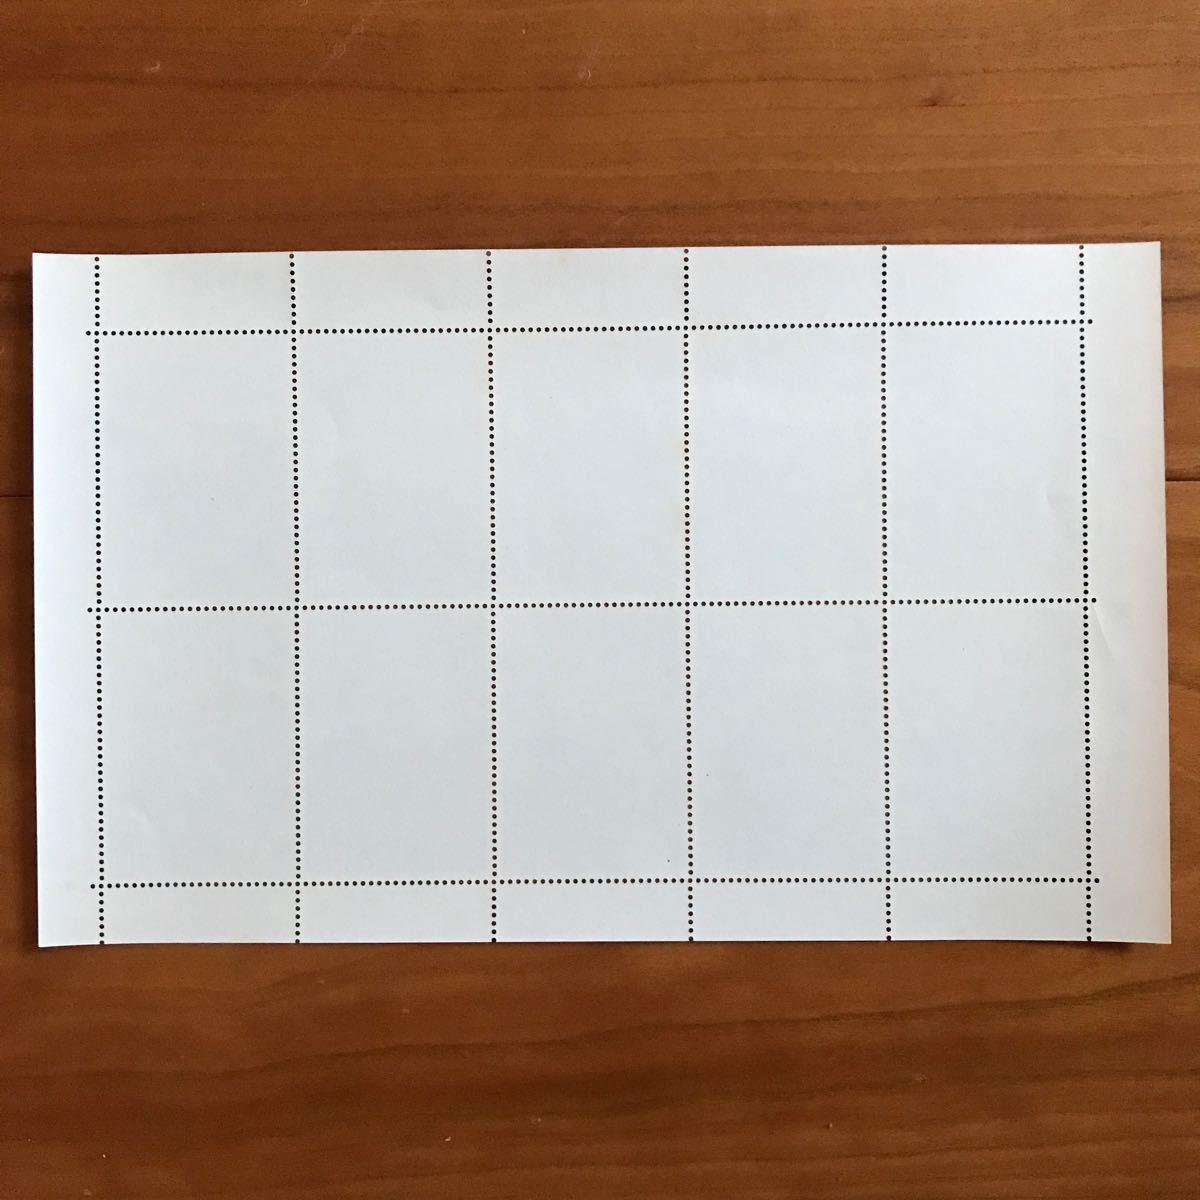 【切手シート】国宝シリーズ 第2集 平家納経 大蔵省印刷局製造